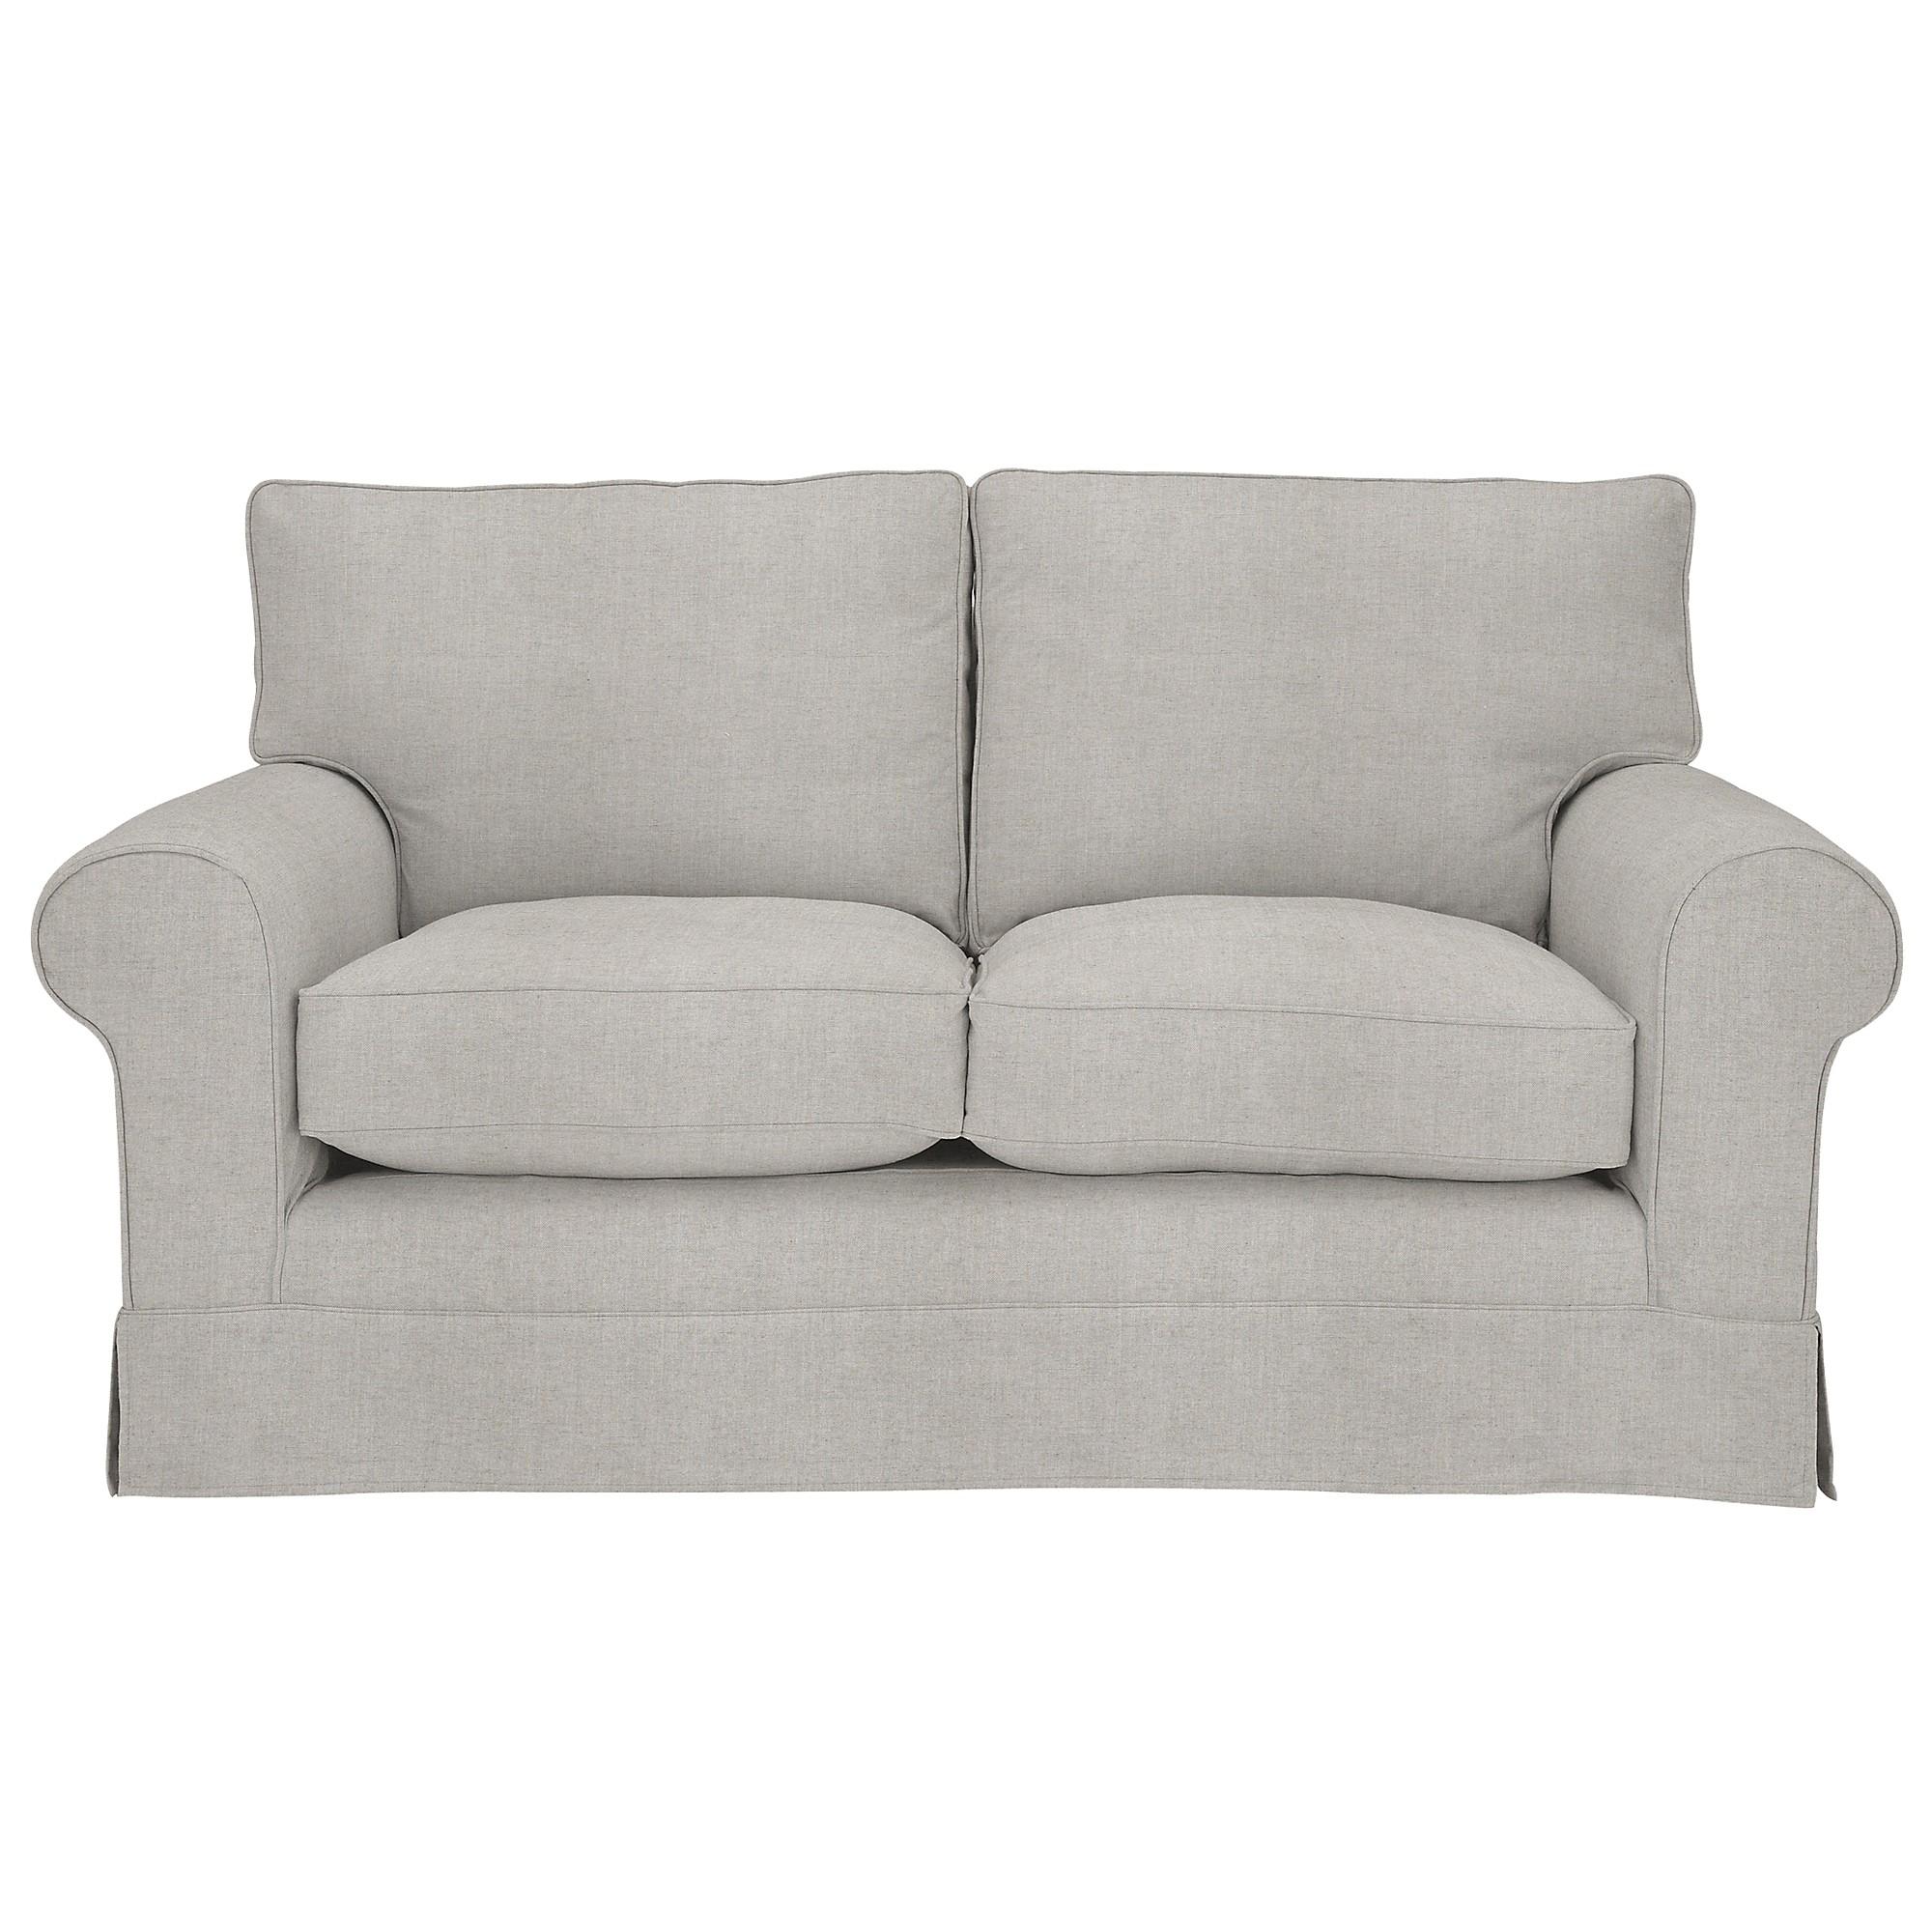 John Lewis Padstow Medium Loose Cover Sofa